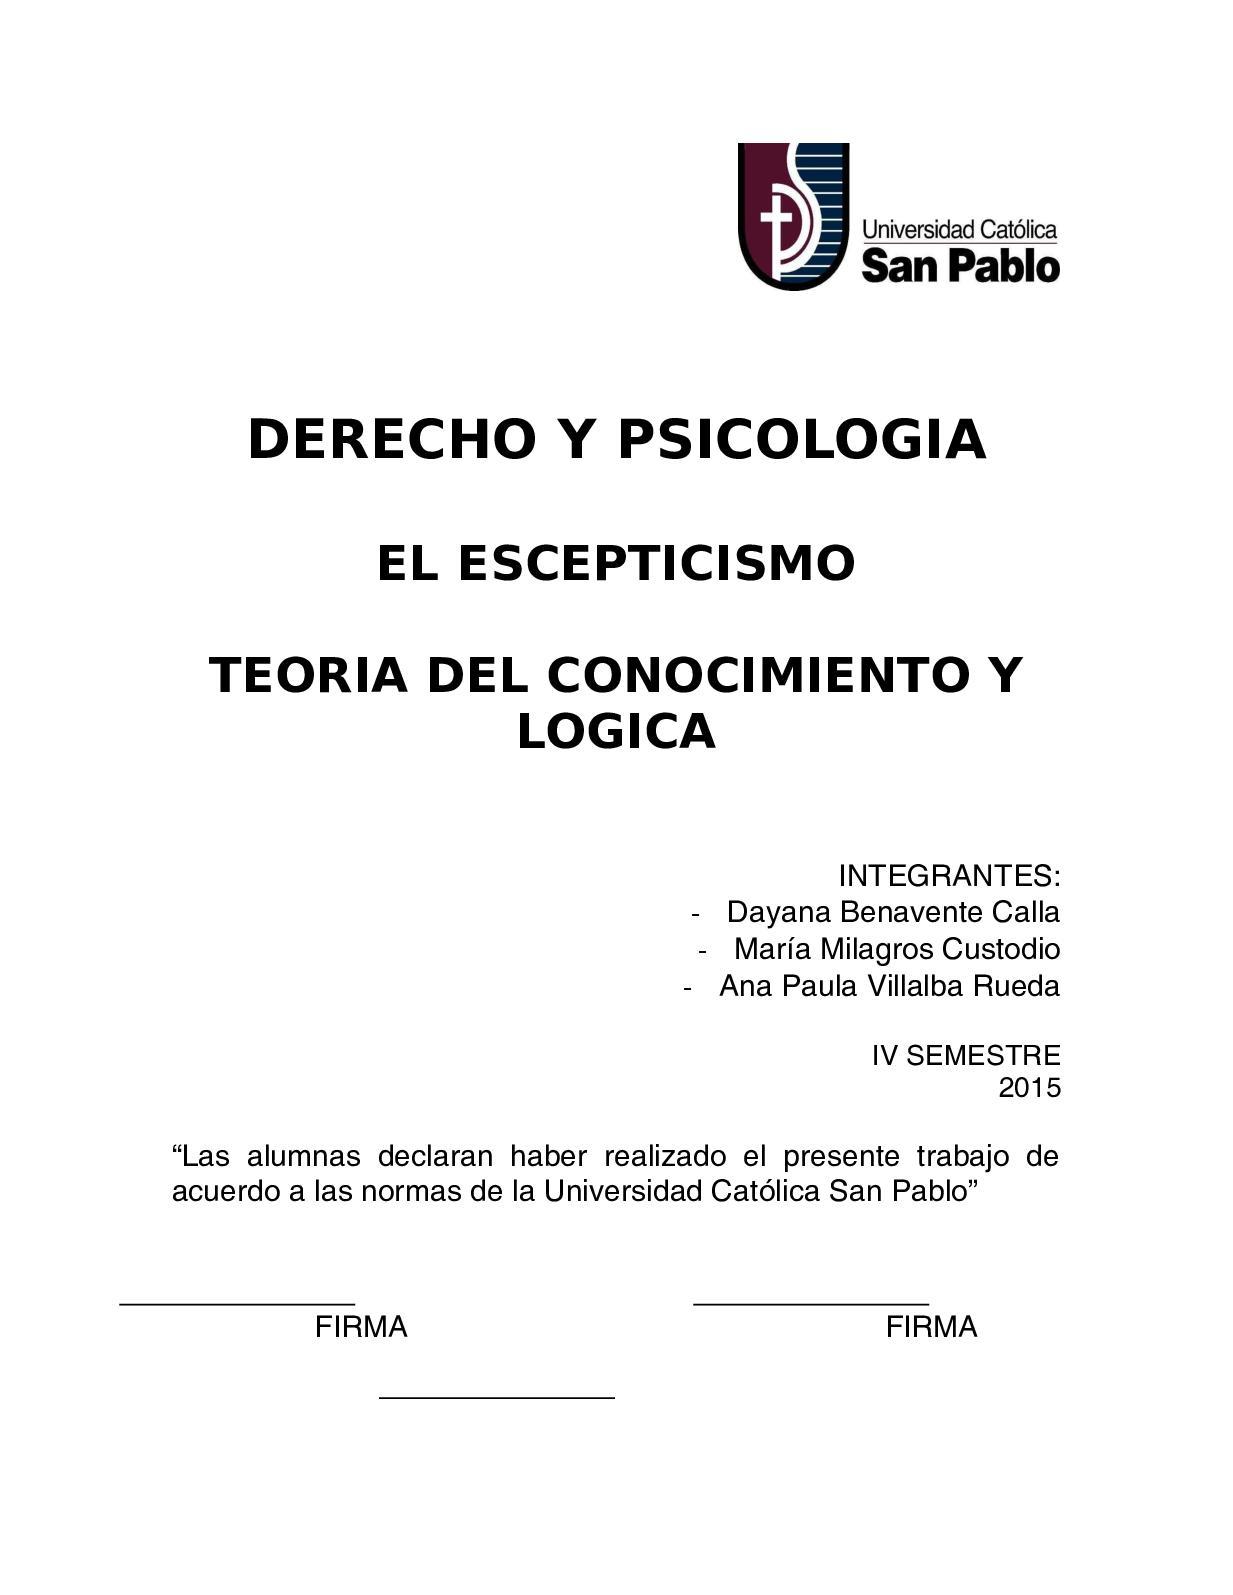 Calaméo Derecho Y Psicologia El Escepticismo Teo